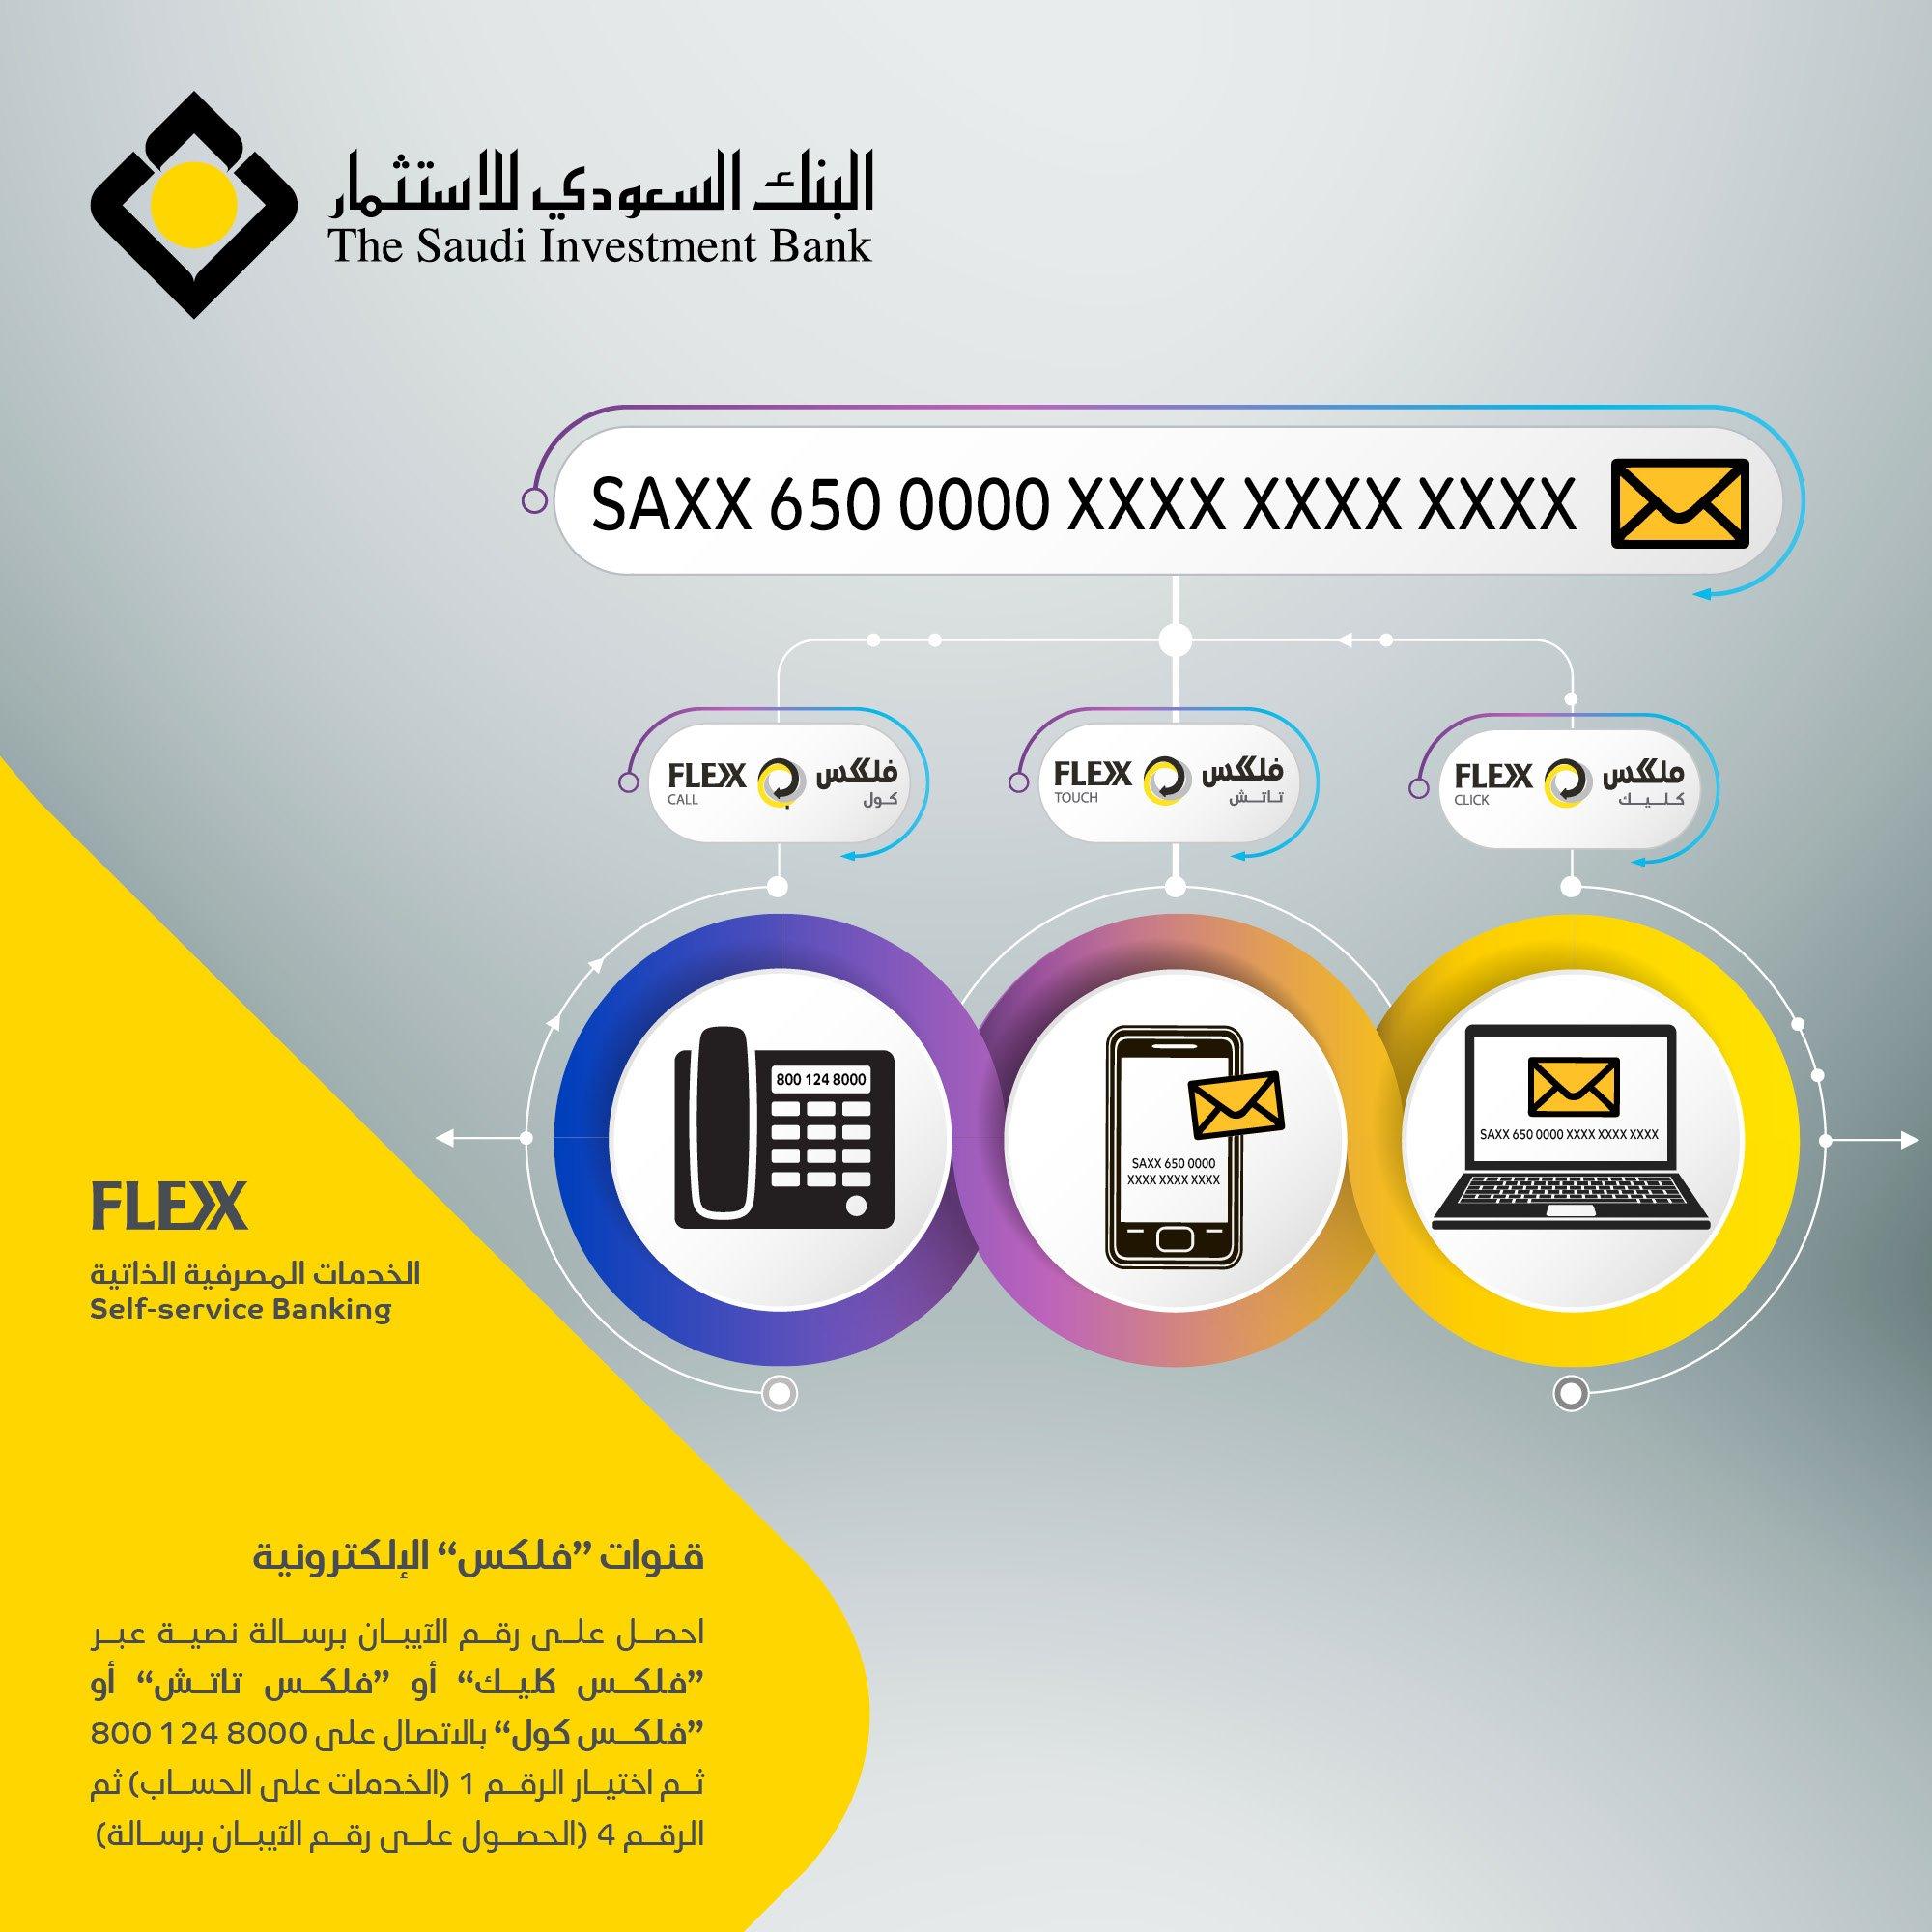 البنك السعودي للاستثمار Twitterissa احصل على رقم الآيبان برسالة نصية عبر فلكس كليك أو فلكس تاتش أو فلكس كول بالاتصال على 8000 124 800 Https T Co Rumip998pj Https T Co S01enjiv02